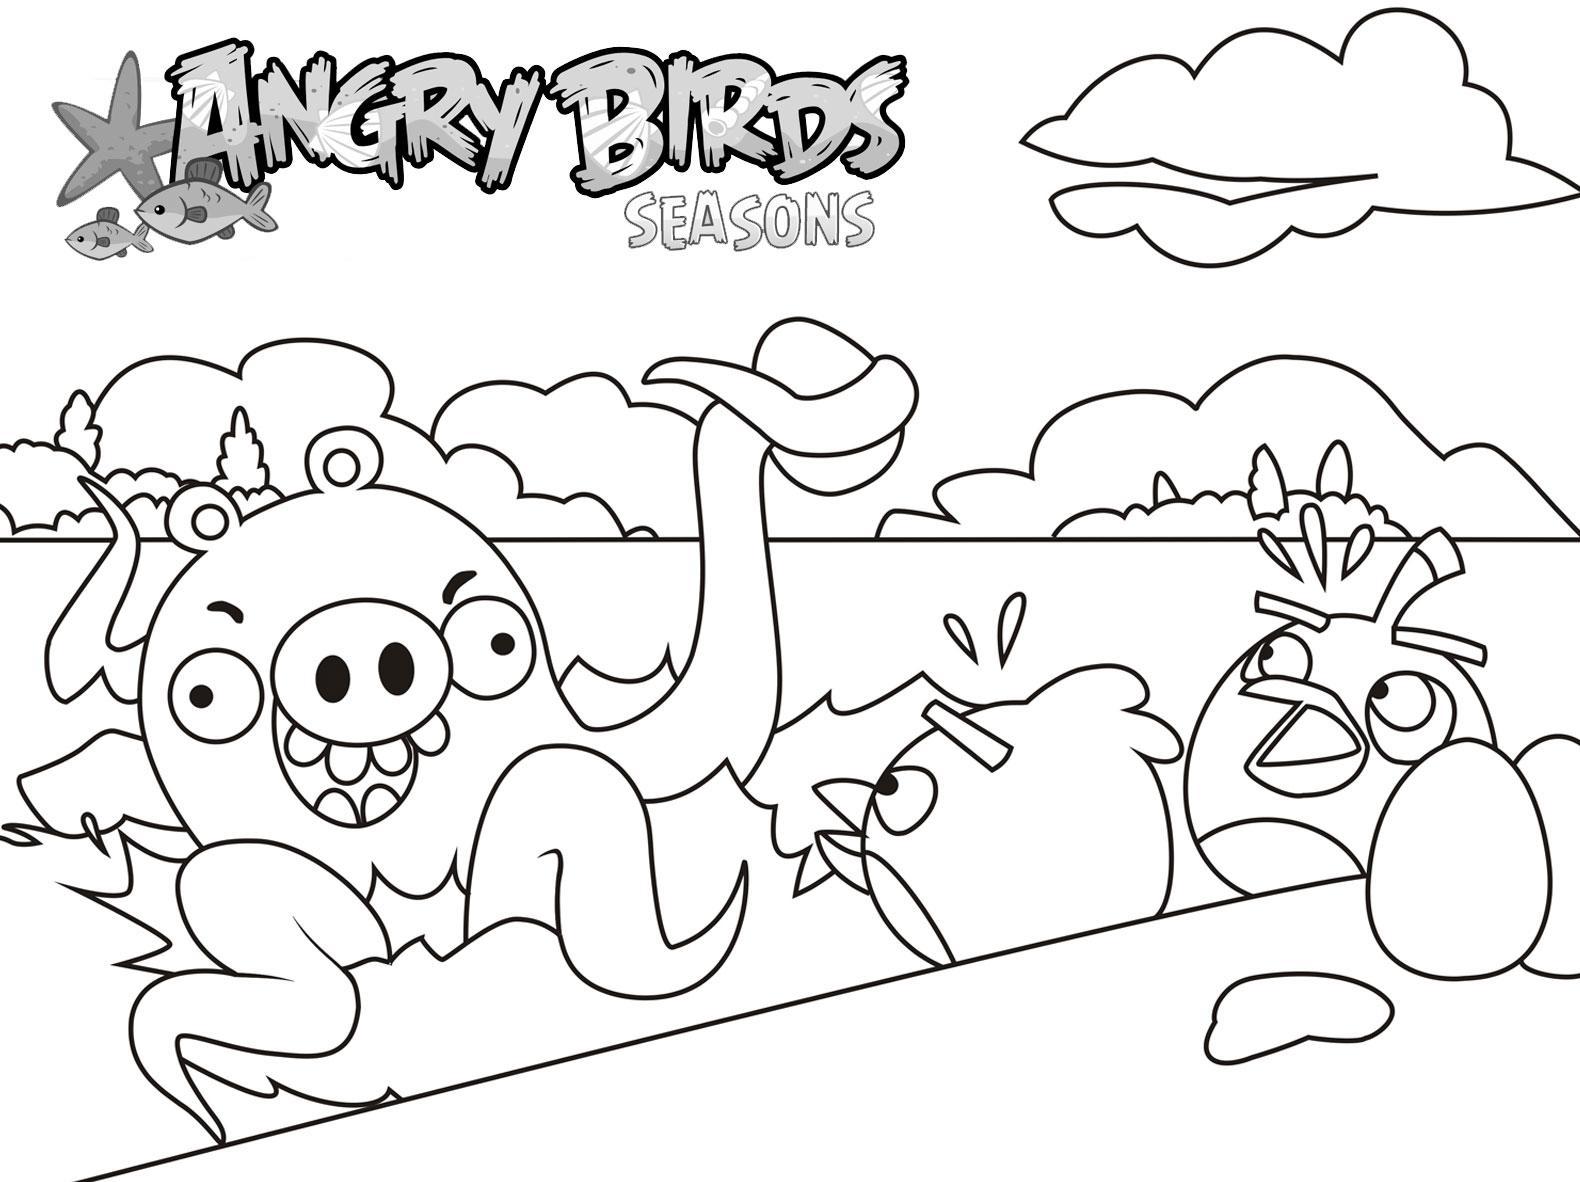 Dibujo para colorear de Angry Birds Seasons: Red y Black ven un pulpo gigante